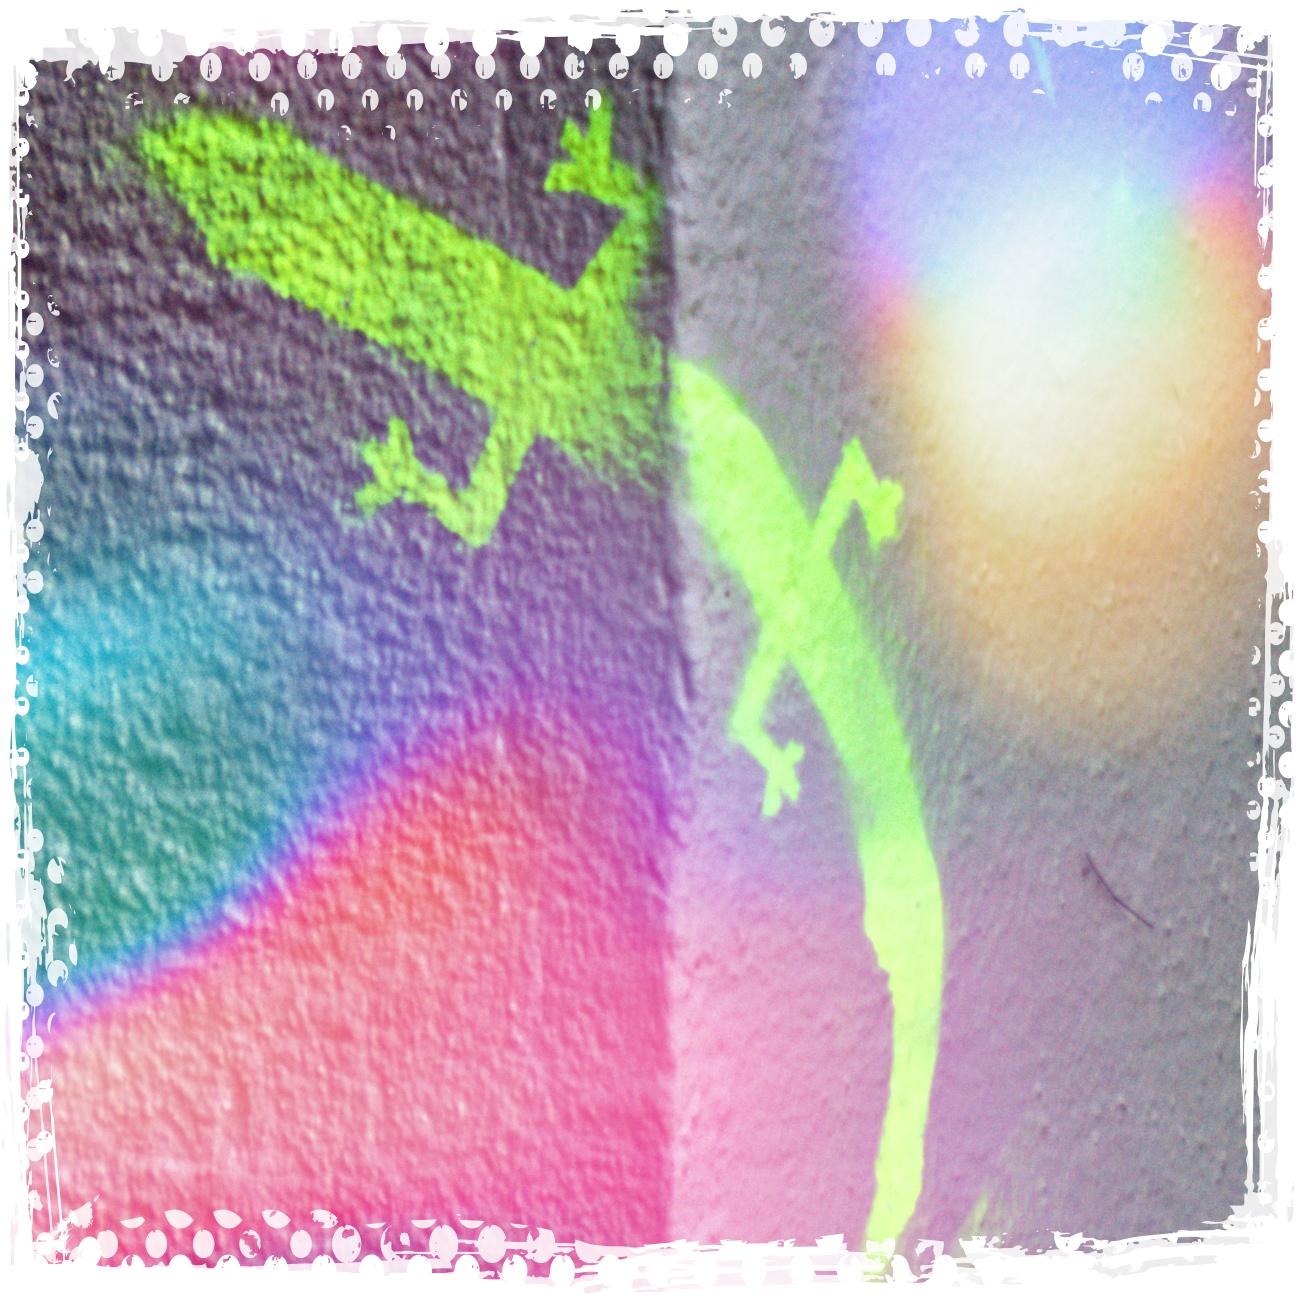 Geckograffiti weiter verfeinert